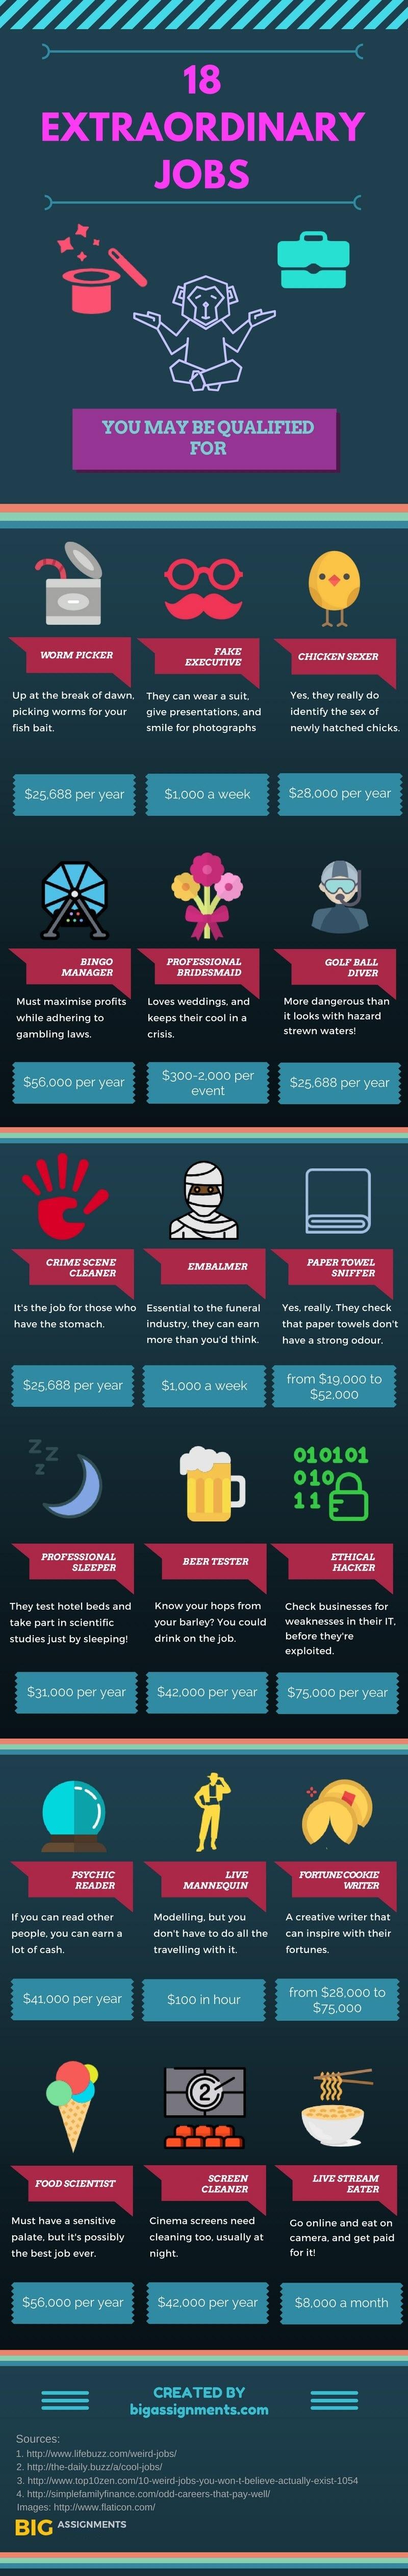 extraordinary jobs infographic